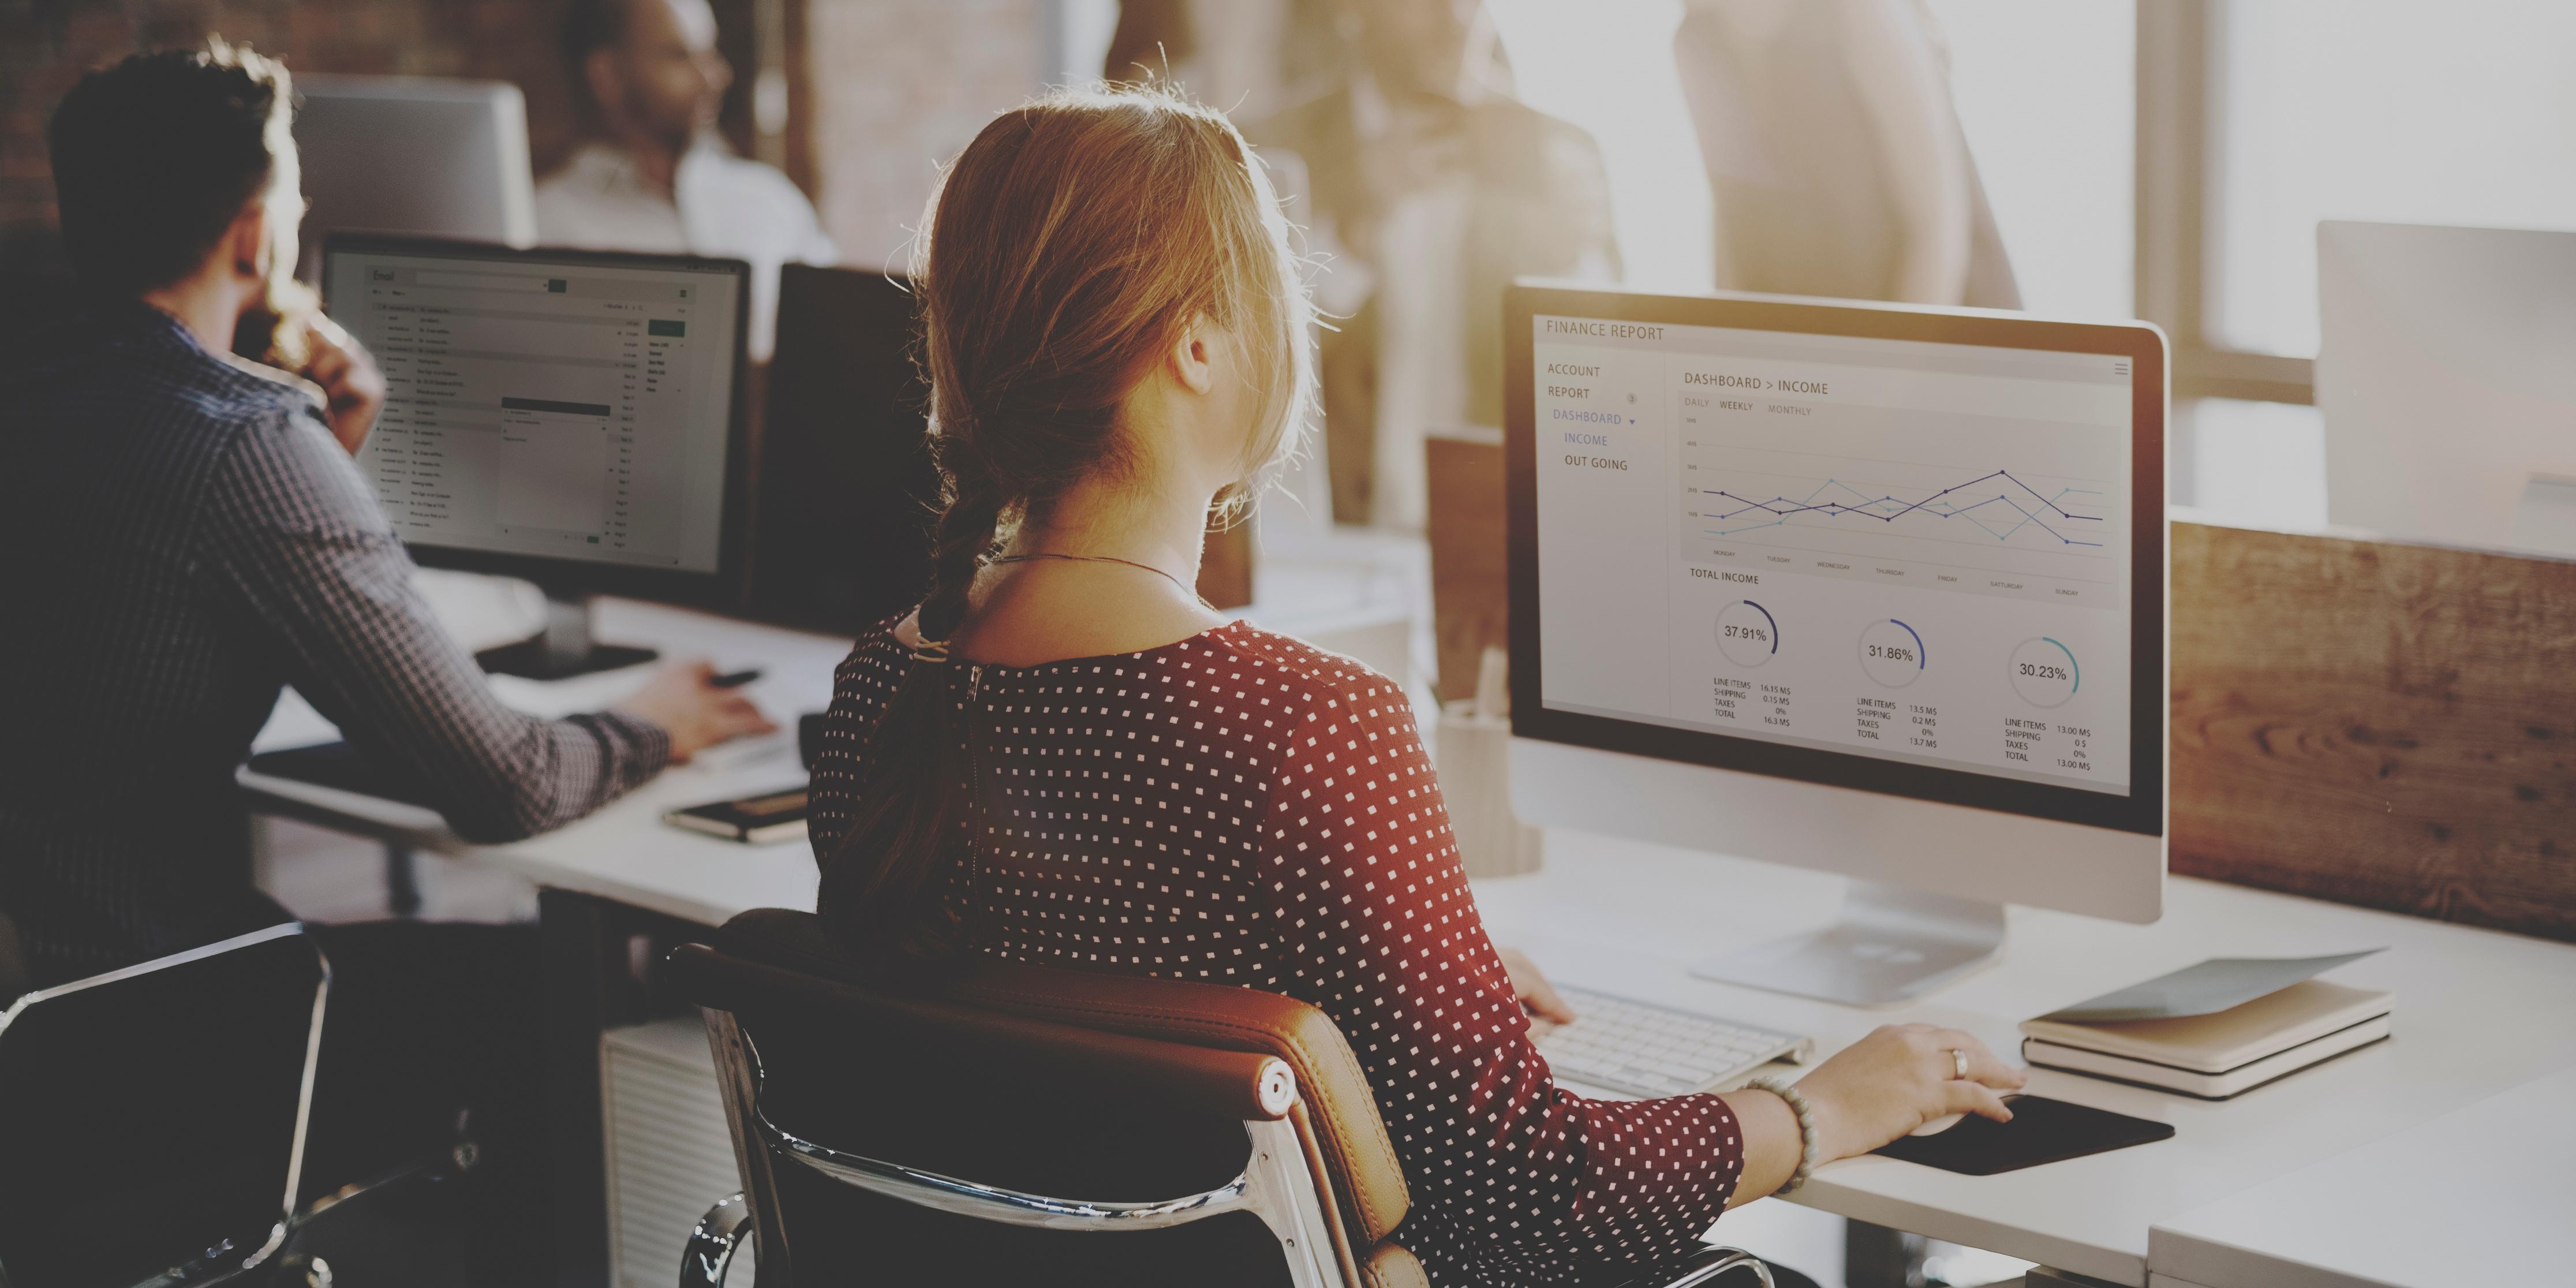 Cómo dirigir una agencia digital de manera rentable en 2017